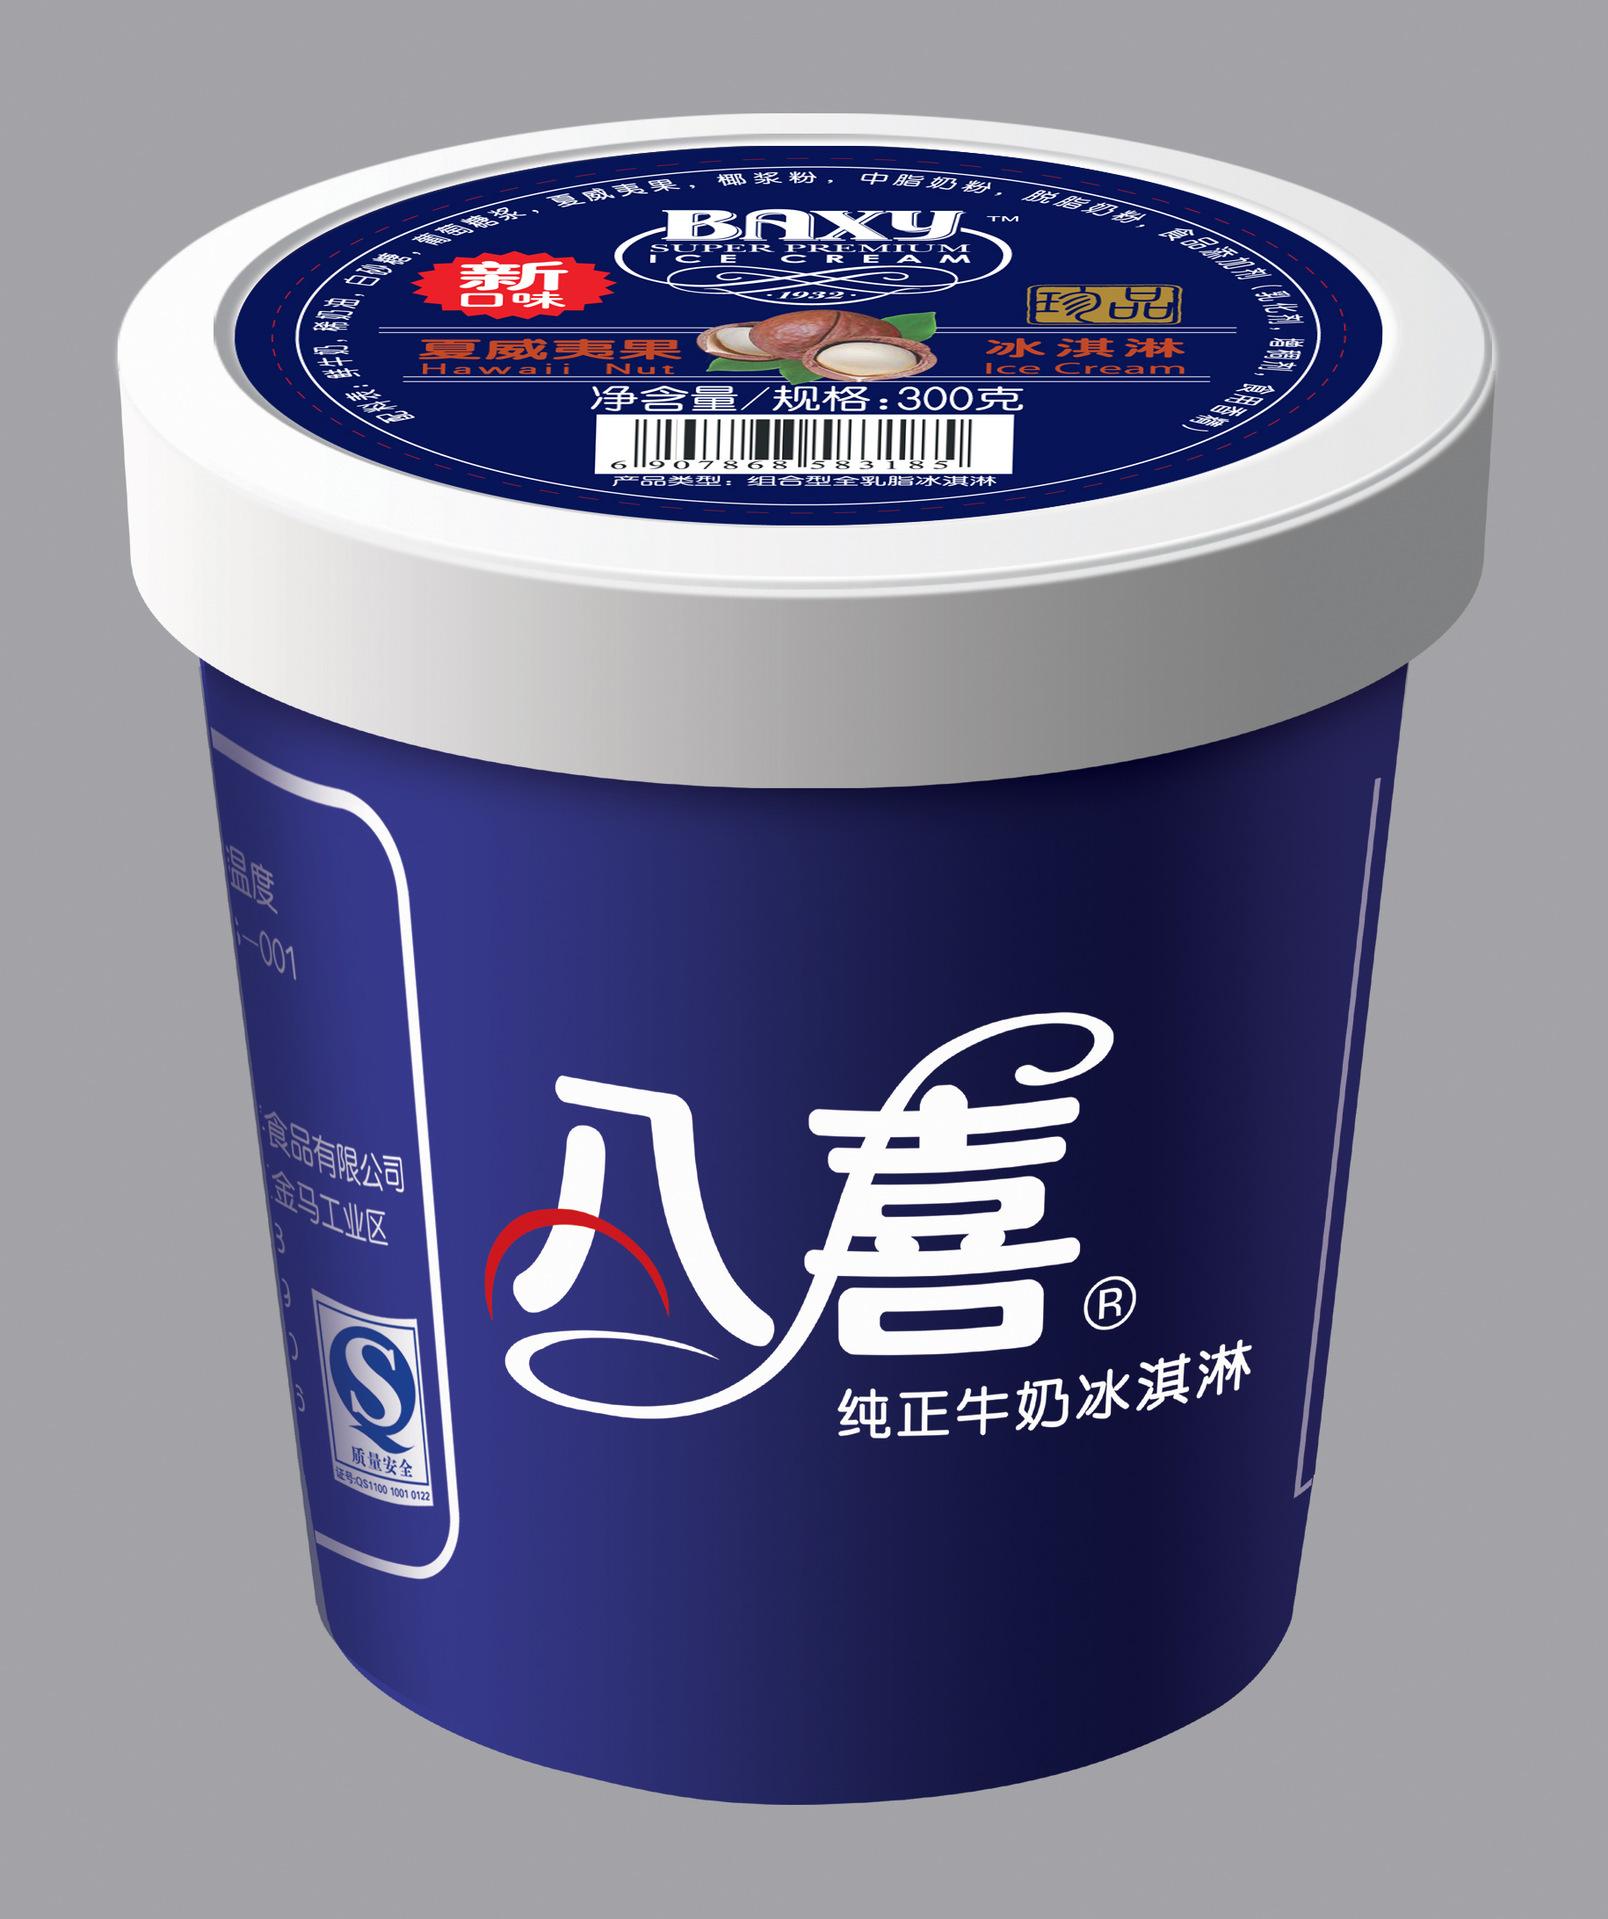 冰淇淋胚_八喜10寸饼房专用生日蛋糕草莓口味冰淇淋 ...